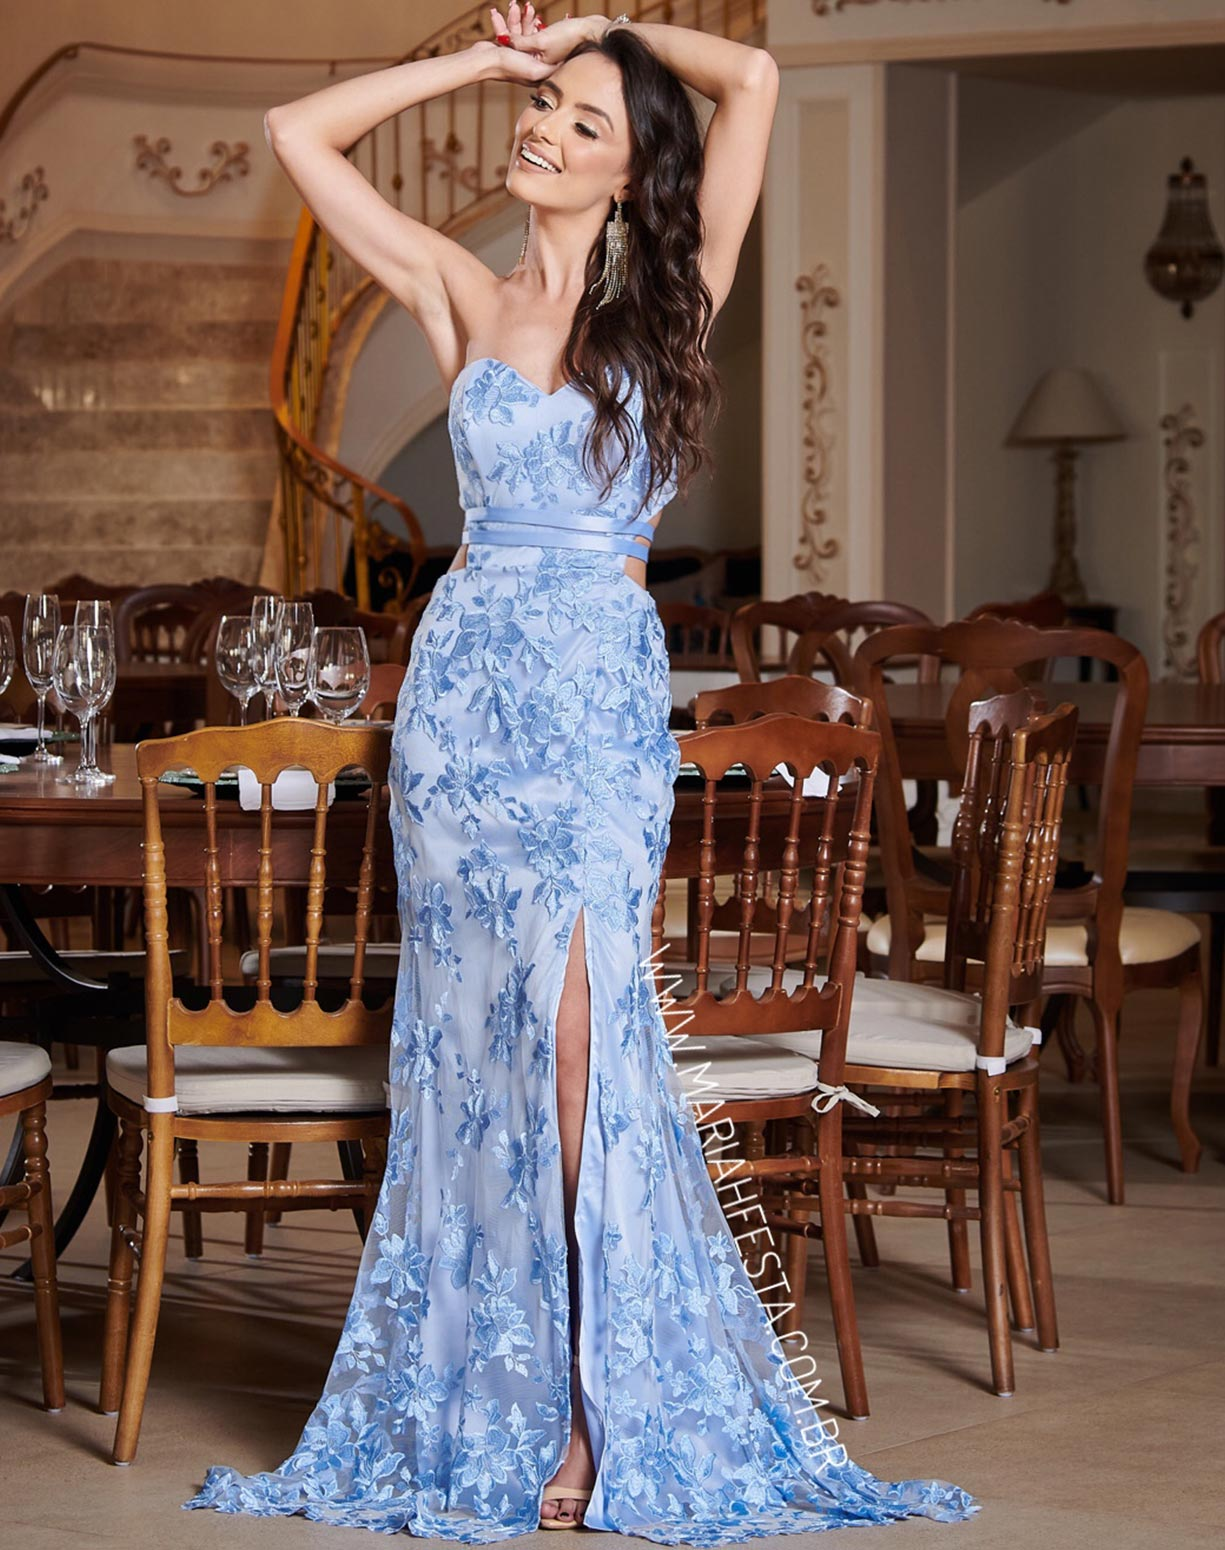 Vestido Tomara que Caia Sereia Azul Serenity em Renda com Fenda